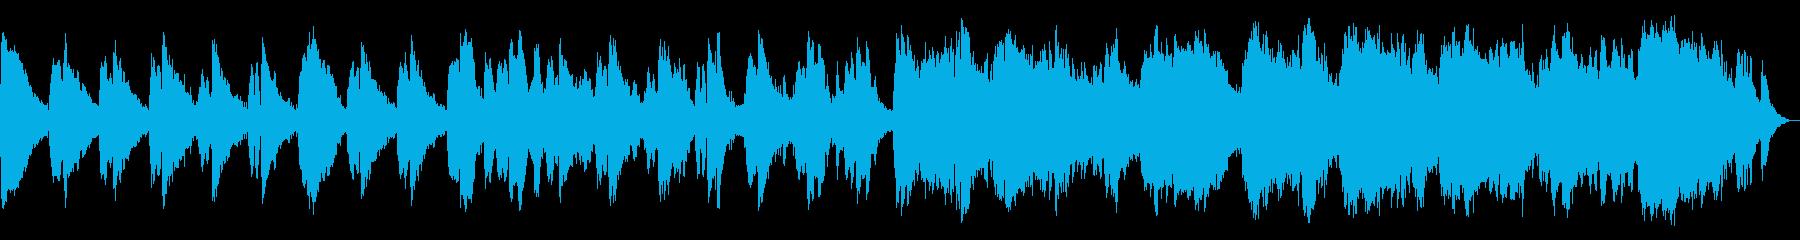 浮遊感を感じる、アンビエントミュージックの再生済みの波形